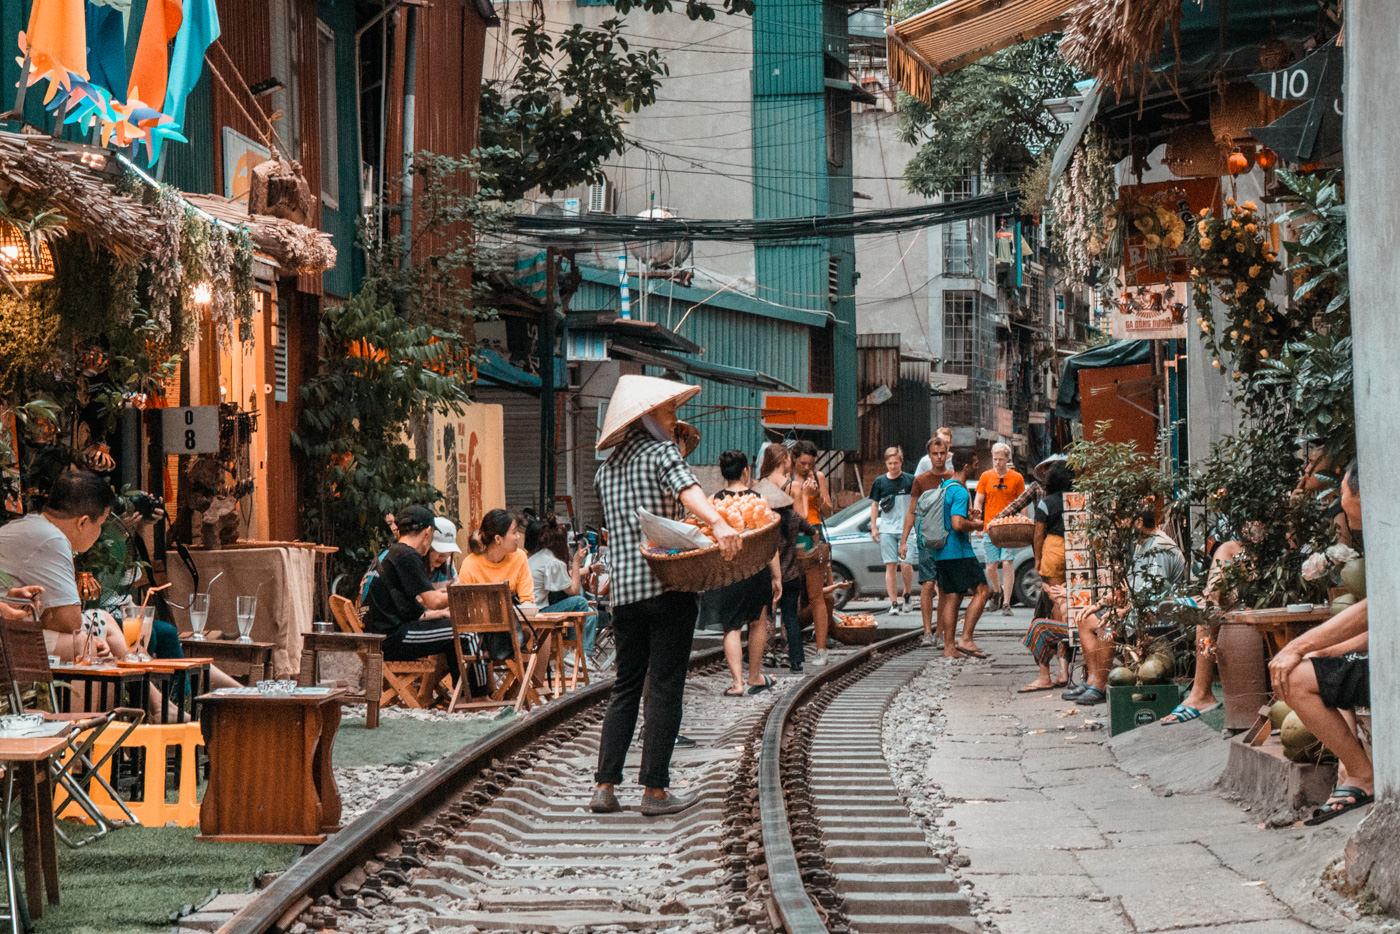 Treiben in der Trainstreet in Hanoi